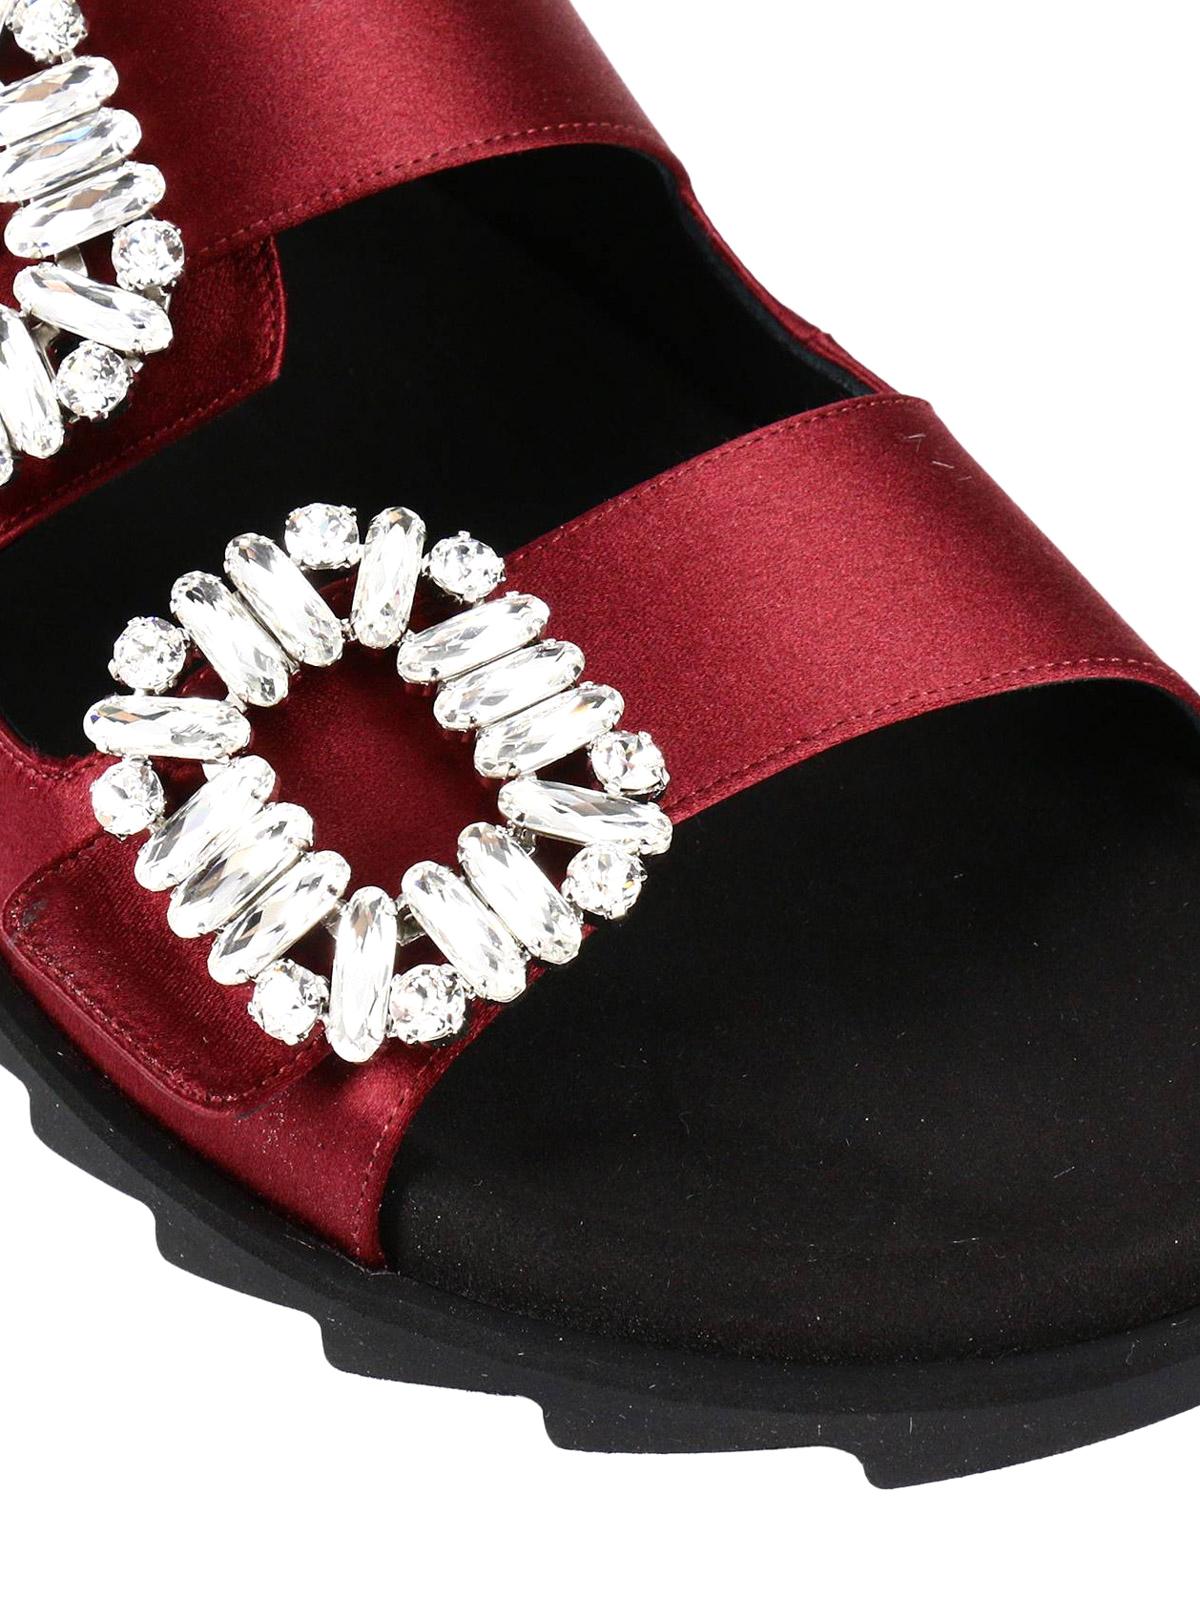 2a447c1c2ddb Roger Vivier - Viv  double buckle satin slides - sandals ...